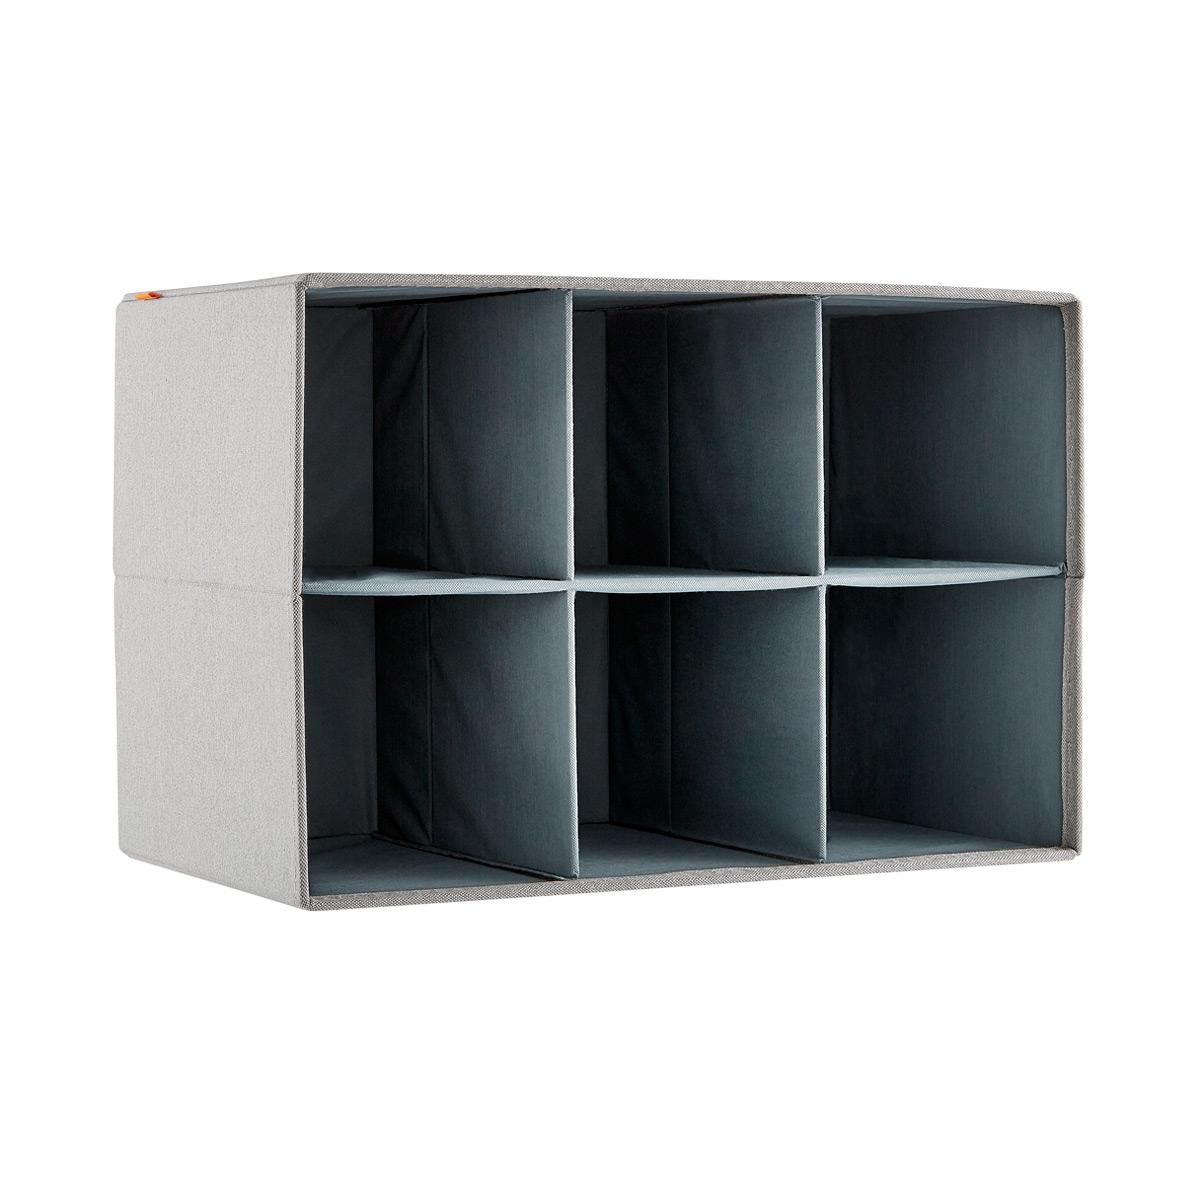 3x2 Storage Cubby